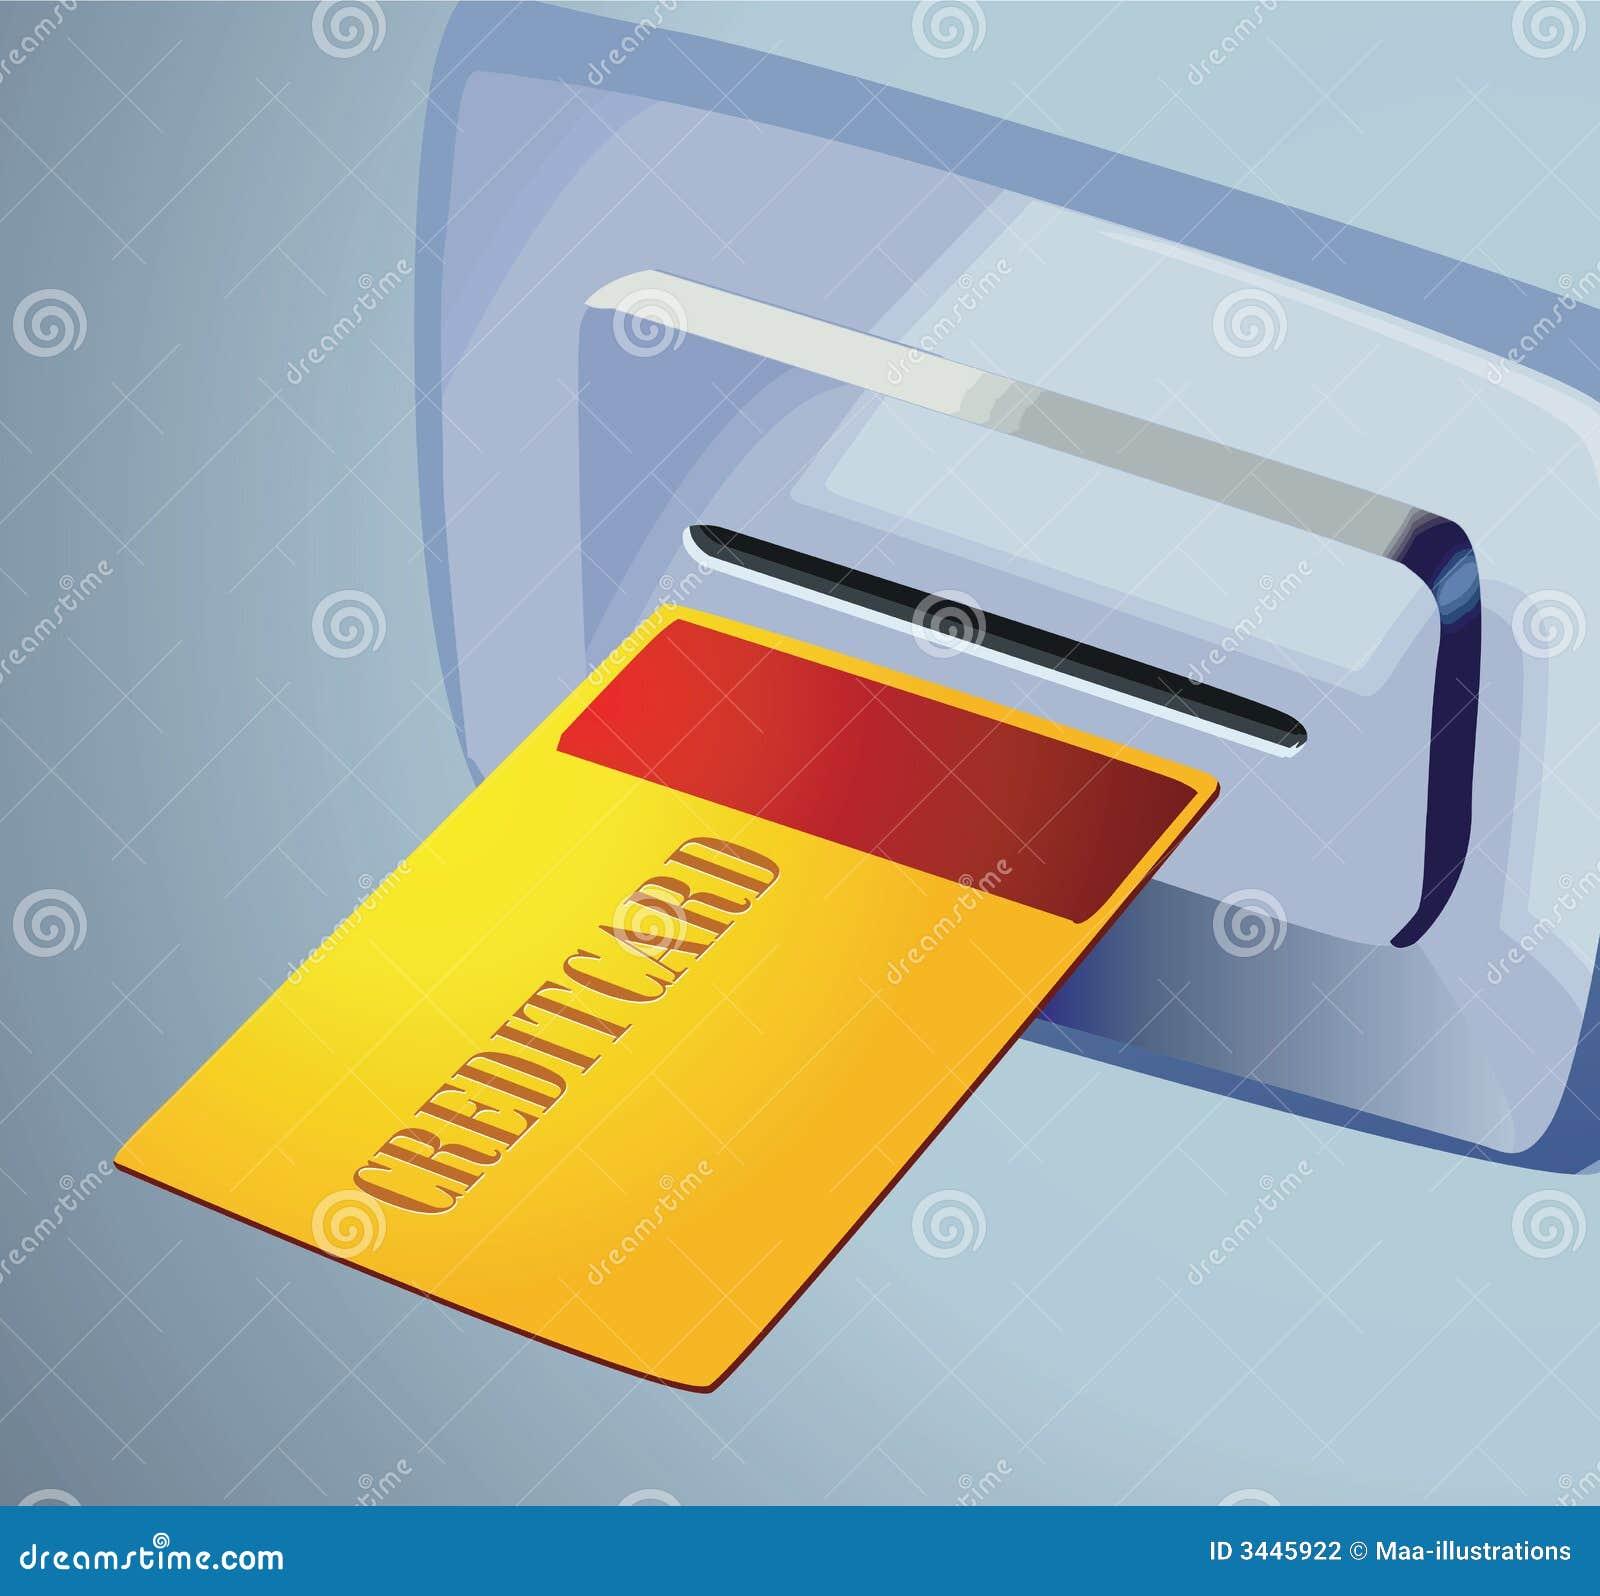 Golden card to teller machine